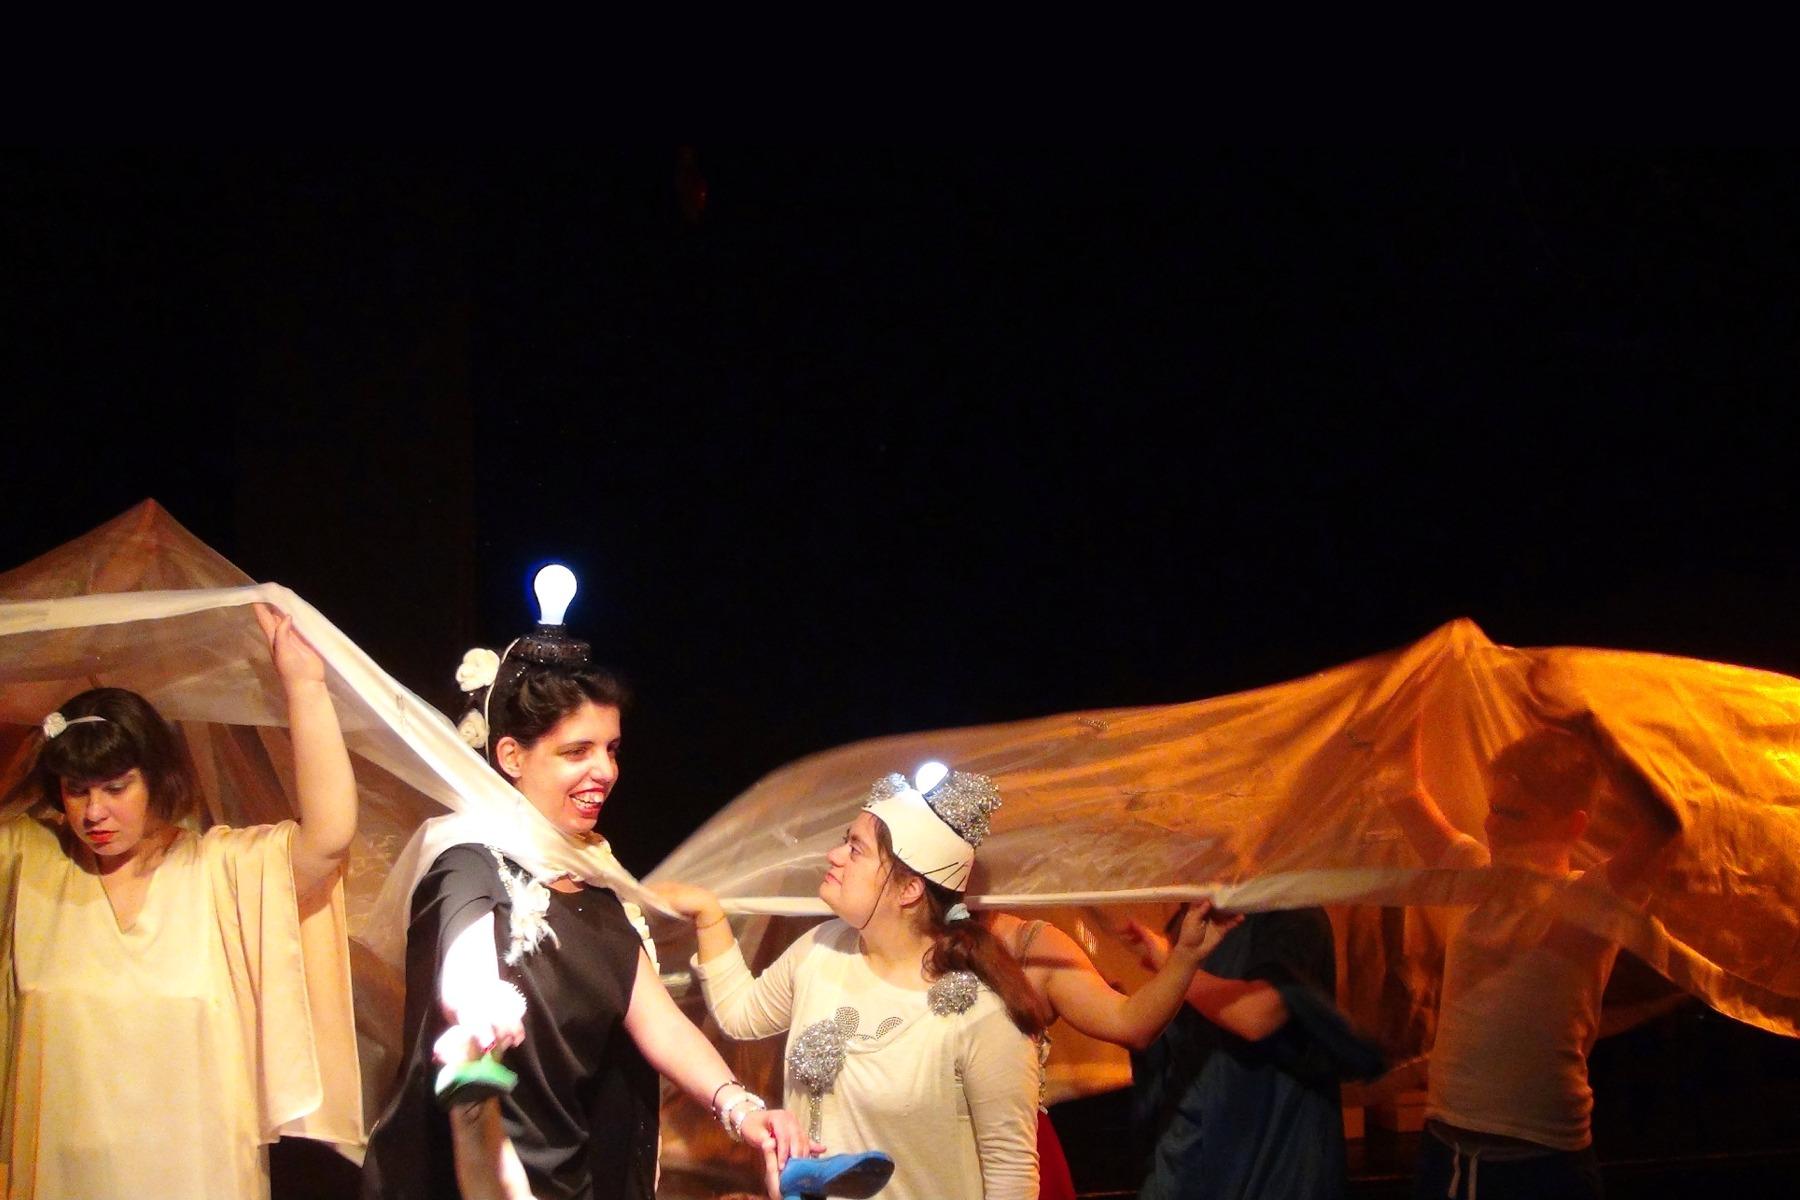 Αγόρια και κορίτσια ντυμένα με θεατρικά ρούχα κρατούν όρθια ένα πολύ μεγάλο λεπτό γυαλιστερό ύφασμα που τα σκεπάζει σαν πέπλο. Το πέπλο που παίρνει διάφορα χρώματα από τους κίτρινους προβολείς, αφήνει ακάλυπτα τρία κορίτσια. Τα δύο φοράνε από έναν αναμμένο γλόμπο στο κεφάλι τους και κοιτιούνται γελώντας, ενώ το τρίτο κρατάει το ύφασμα ψηλά και κοιτάζει κάτω.